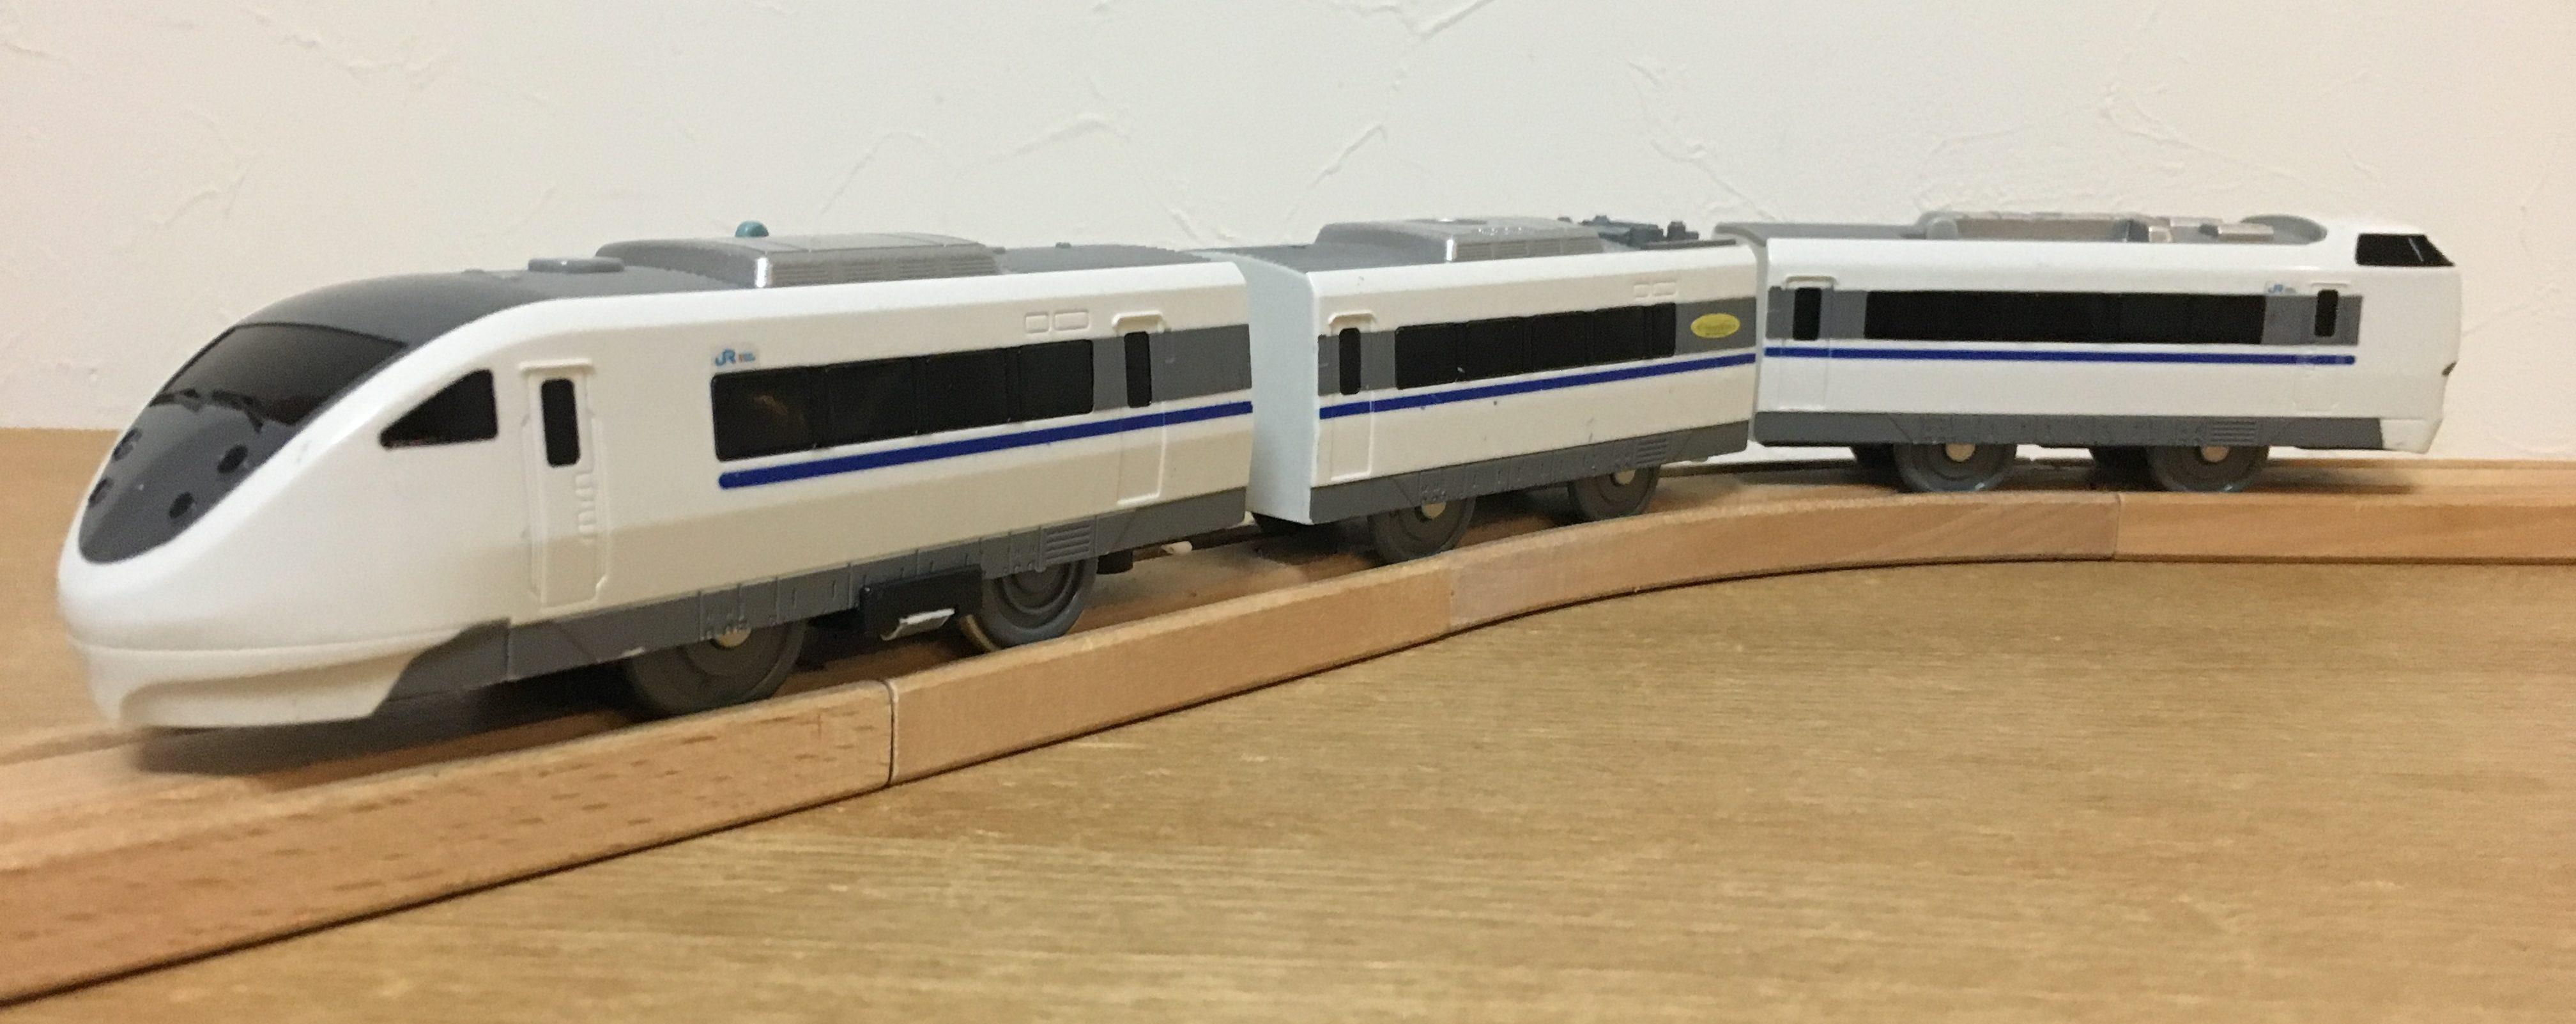 681系 サンダーバード